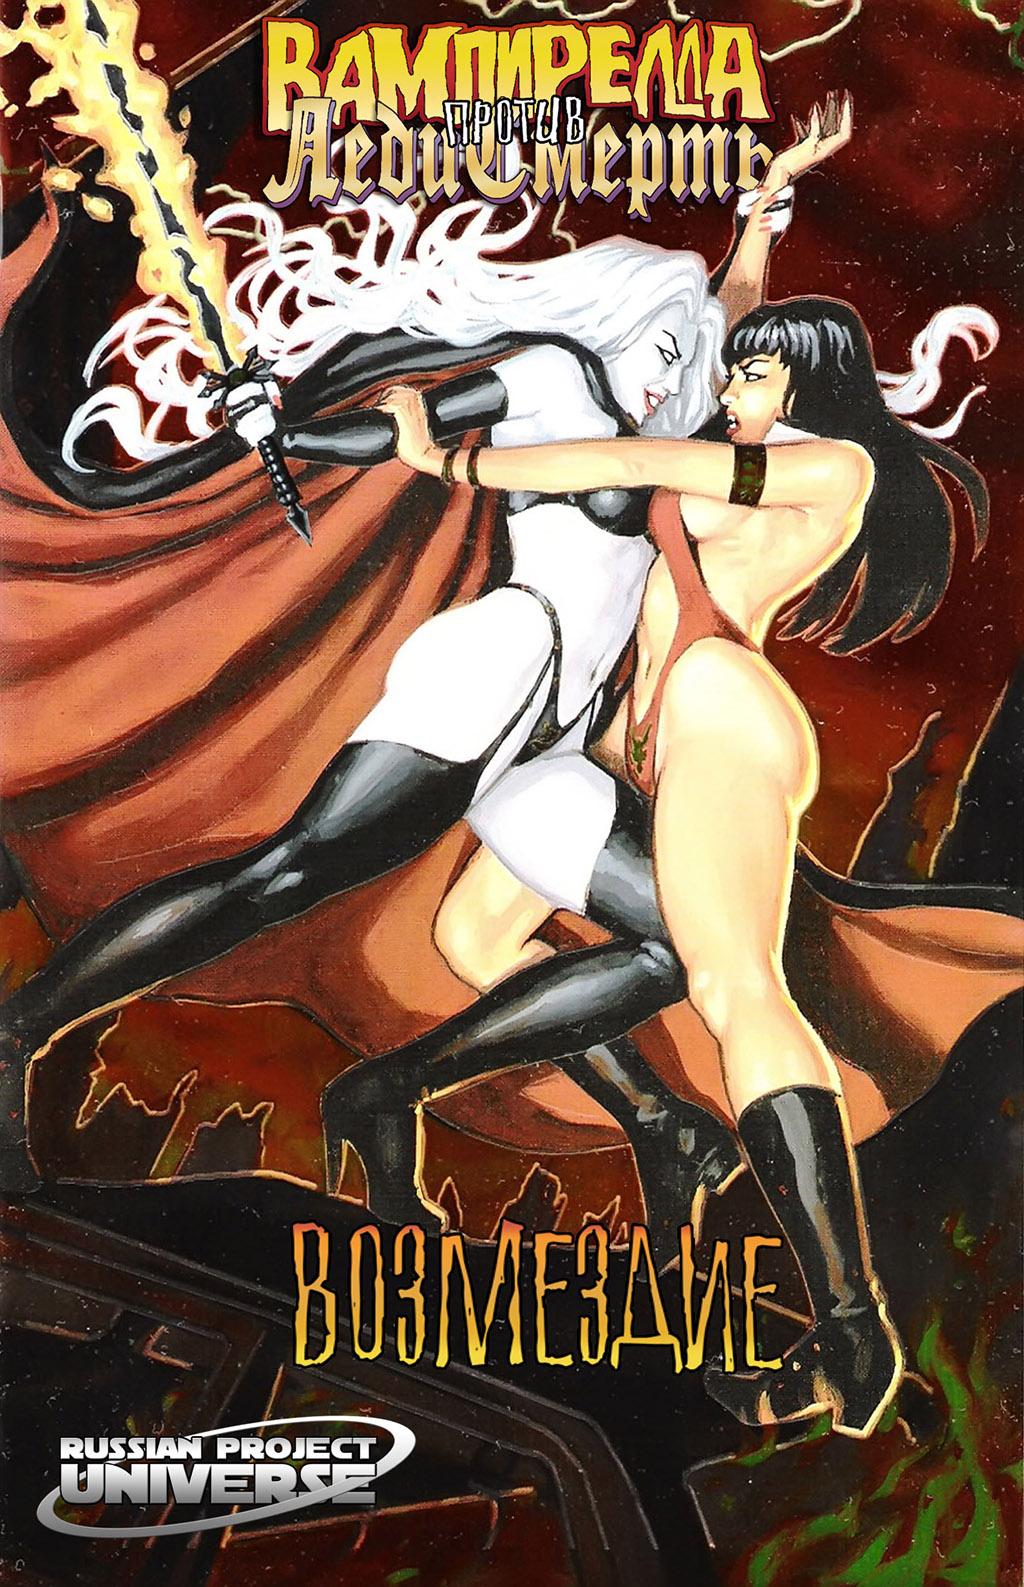 Комикс Вампирелла против Леди Смерть